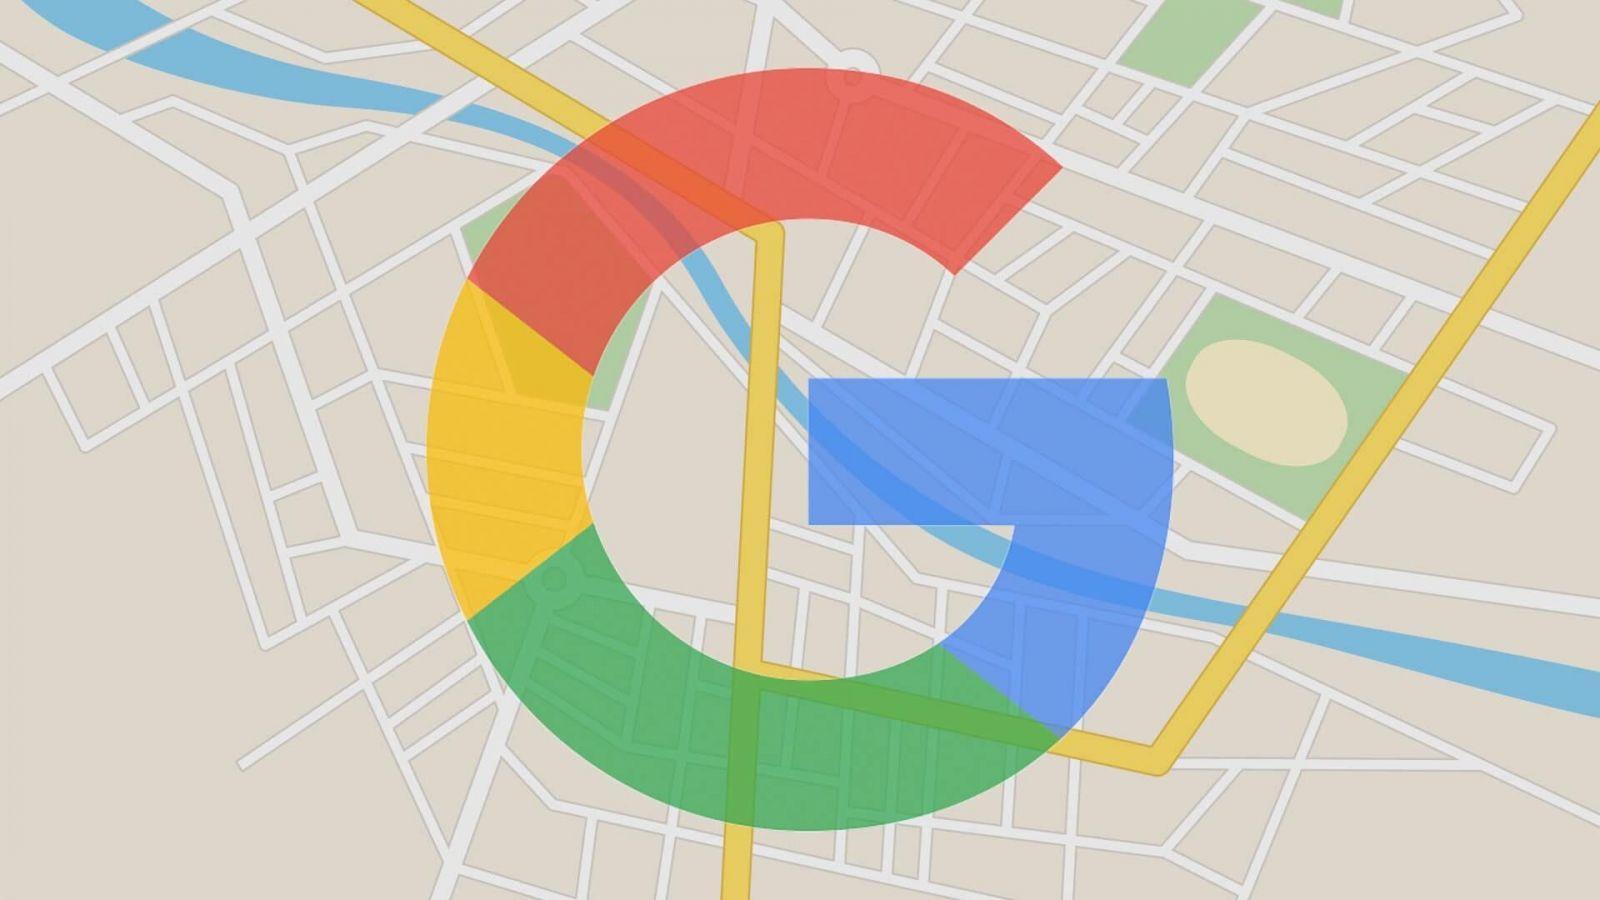 В Google Maps может появиться реклама (maps)